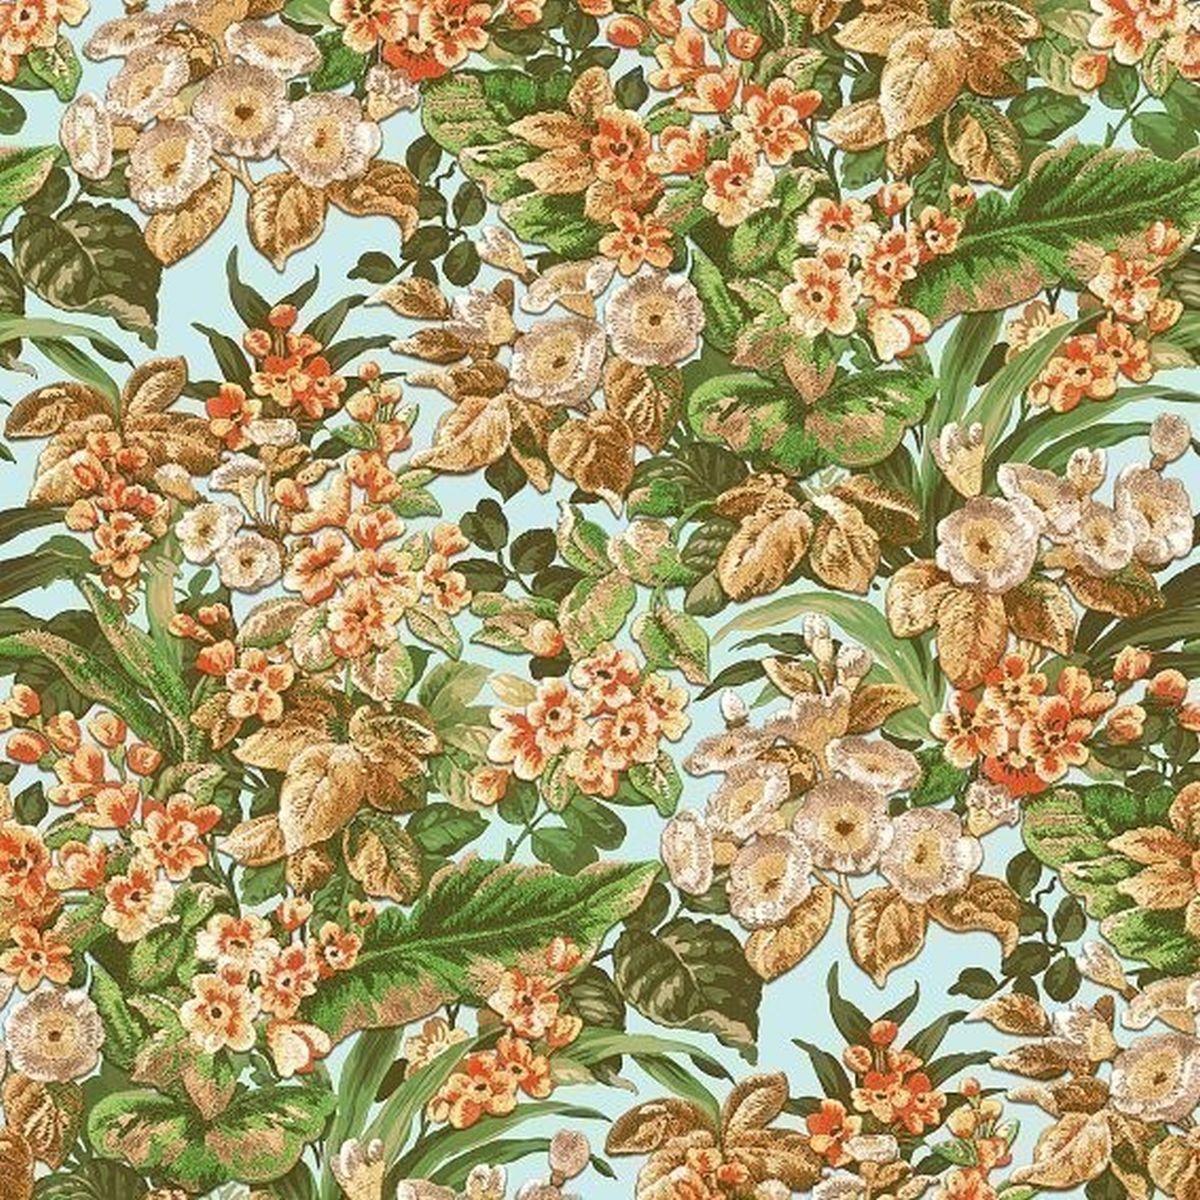 DesignID Vliestapete Erstklassige Vliestapete BA220022 Grün Blumentapete